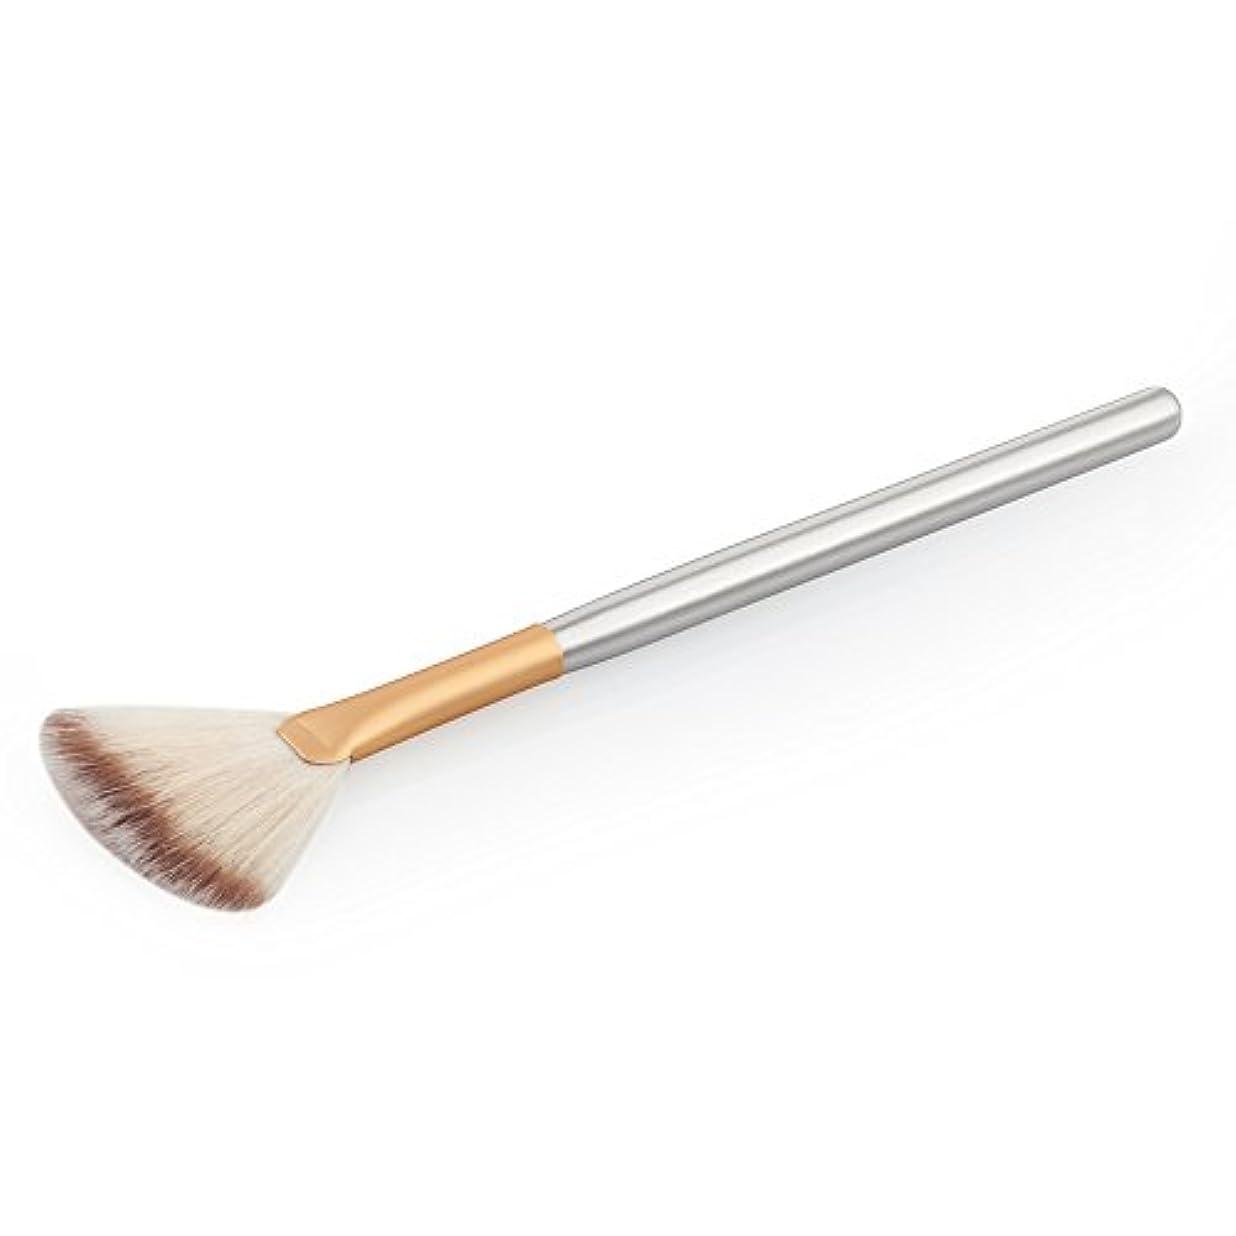 苦しみ木製悲しむコンシーラーブラッシ フェイスチークパウダーブラシ メイクブラシ 化粧品のツール メイク道具 全2色 - ゴールド